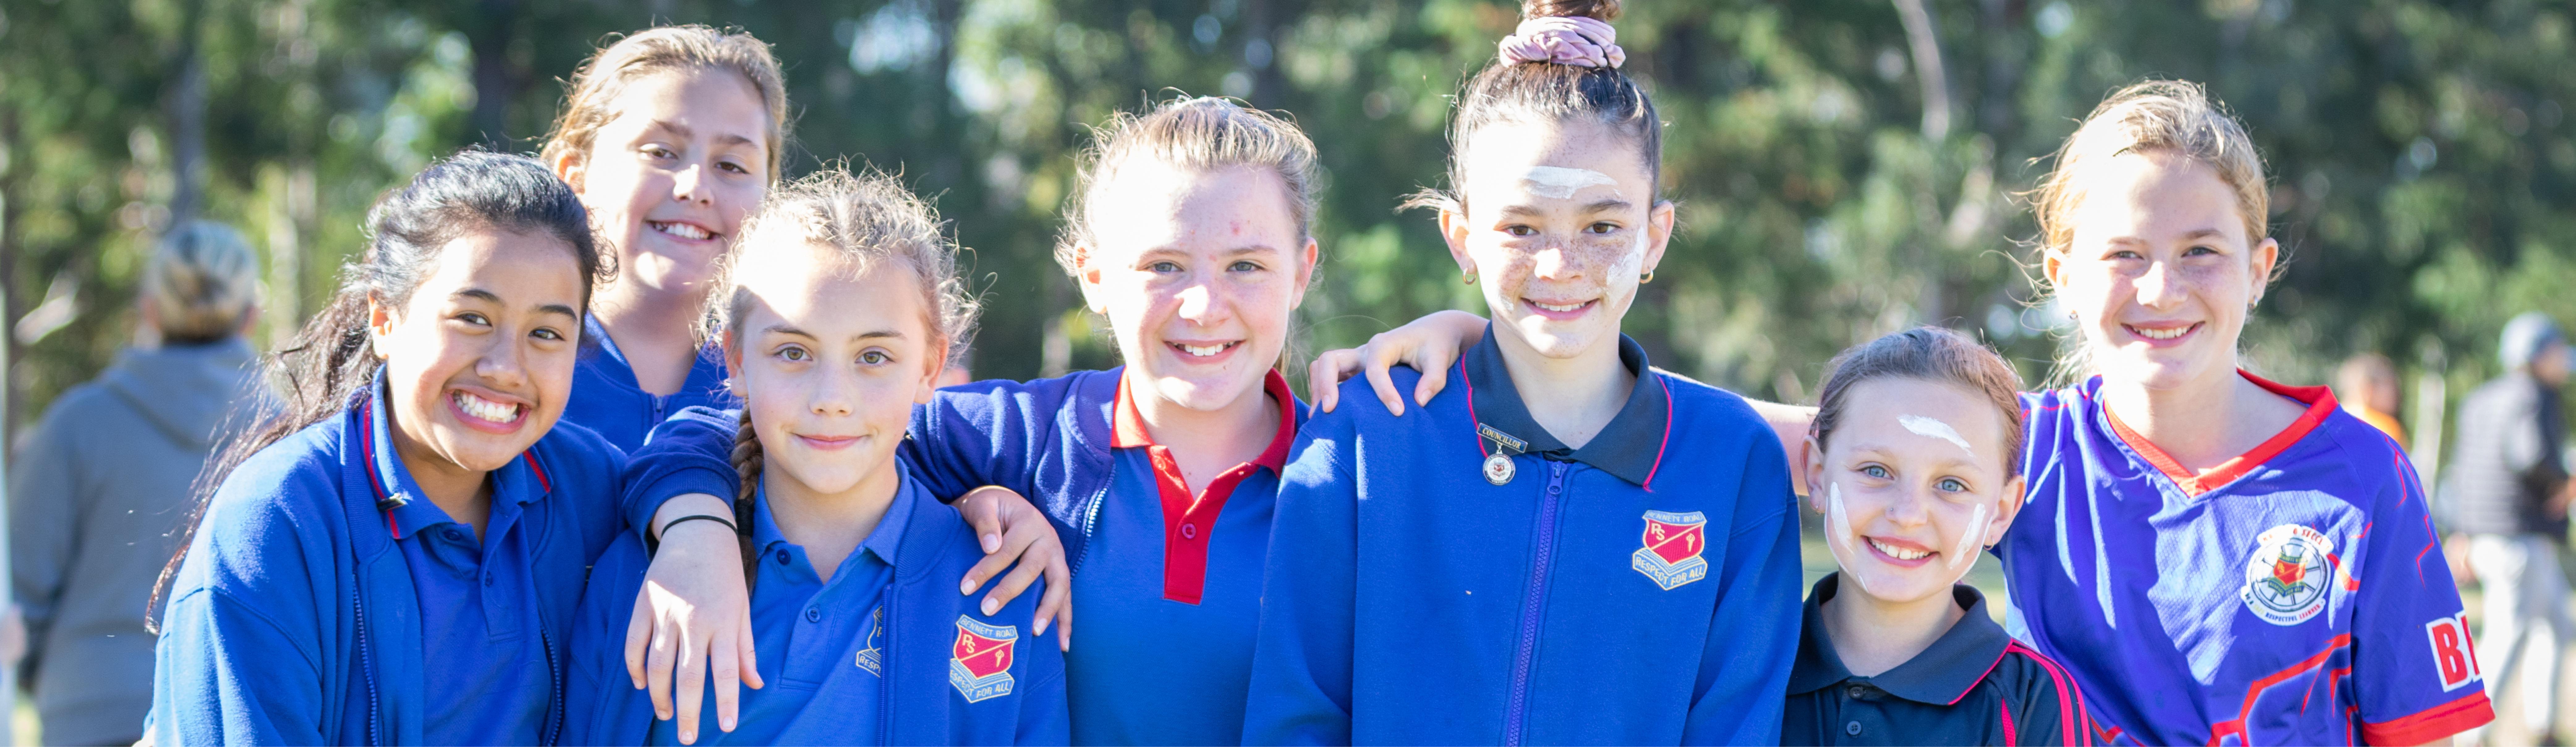 Girls netball team NAIDOC